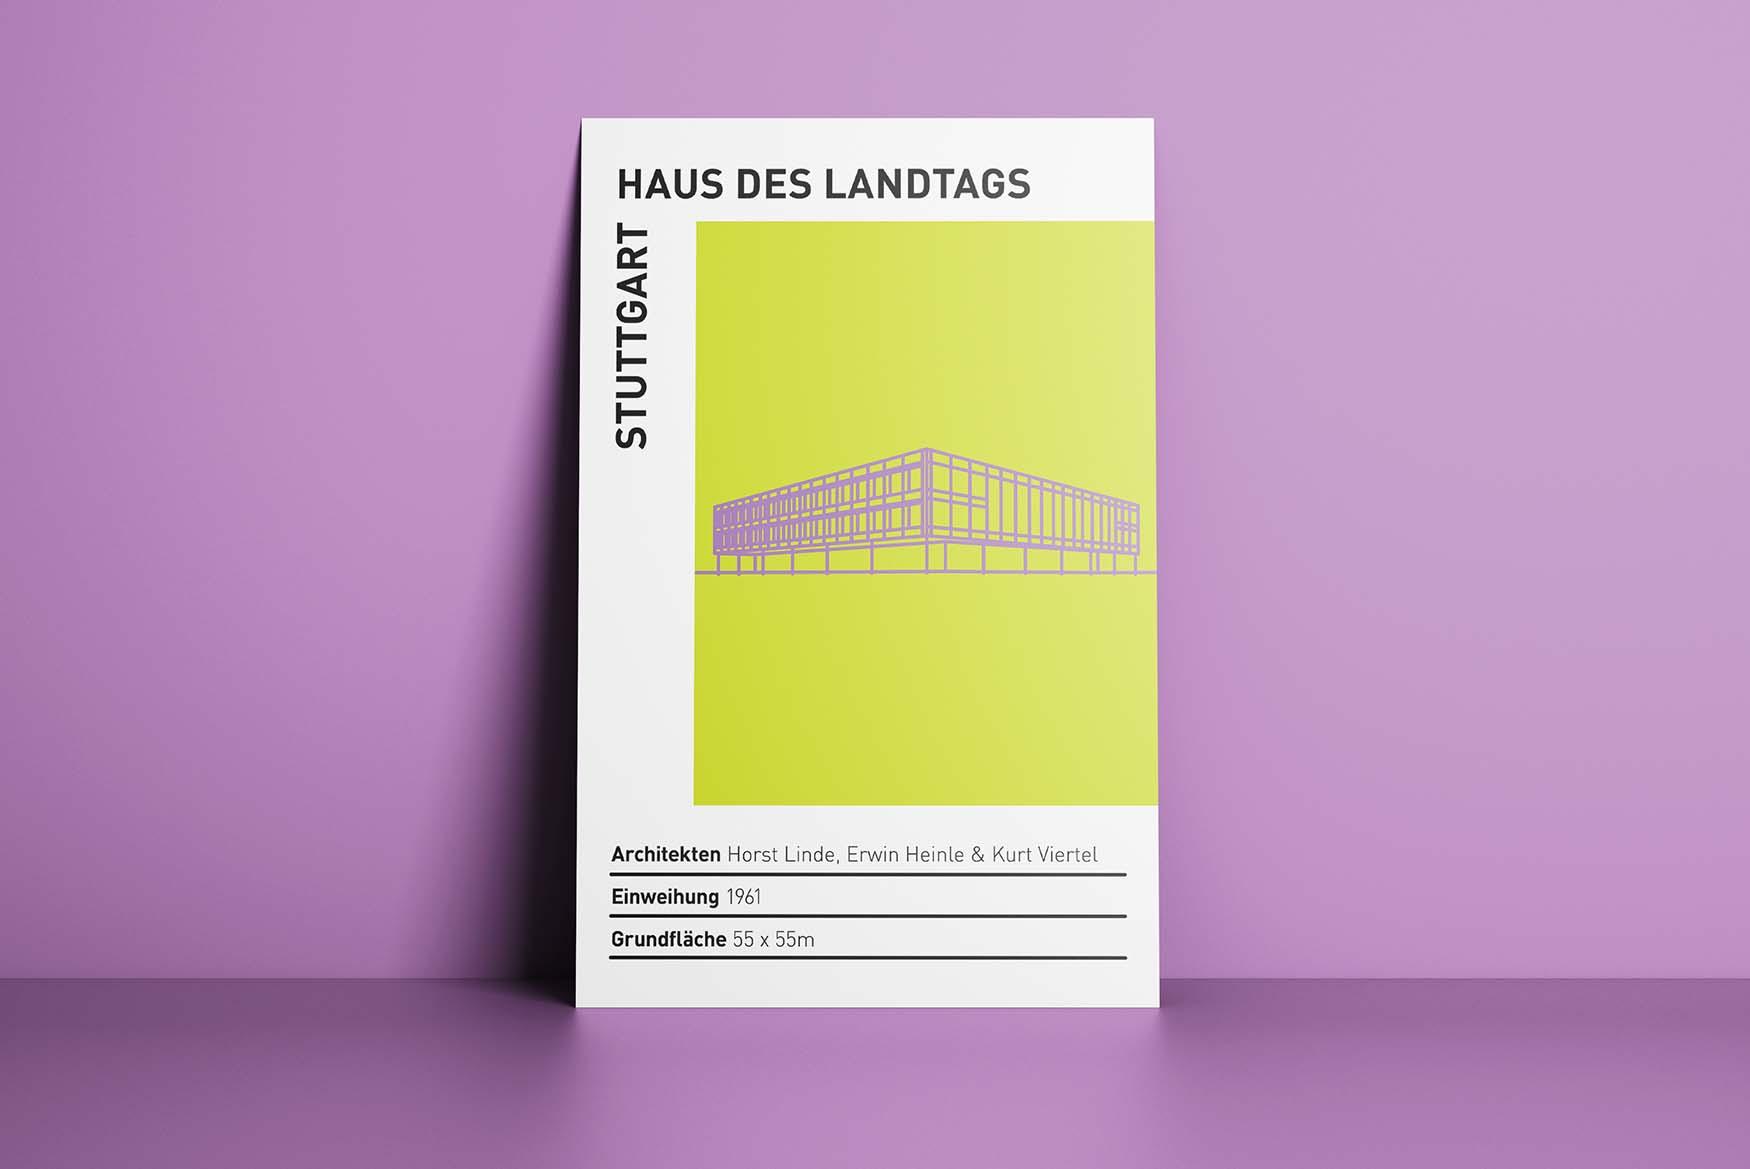 Kreativbetrieb-Designagentur-Architektur-Stuttgart-4